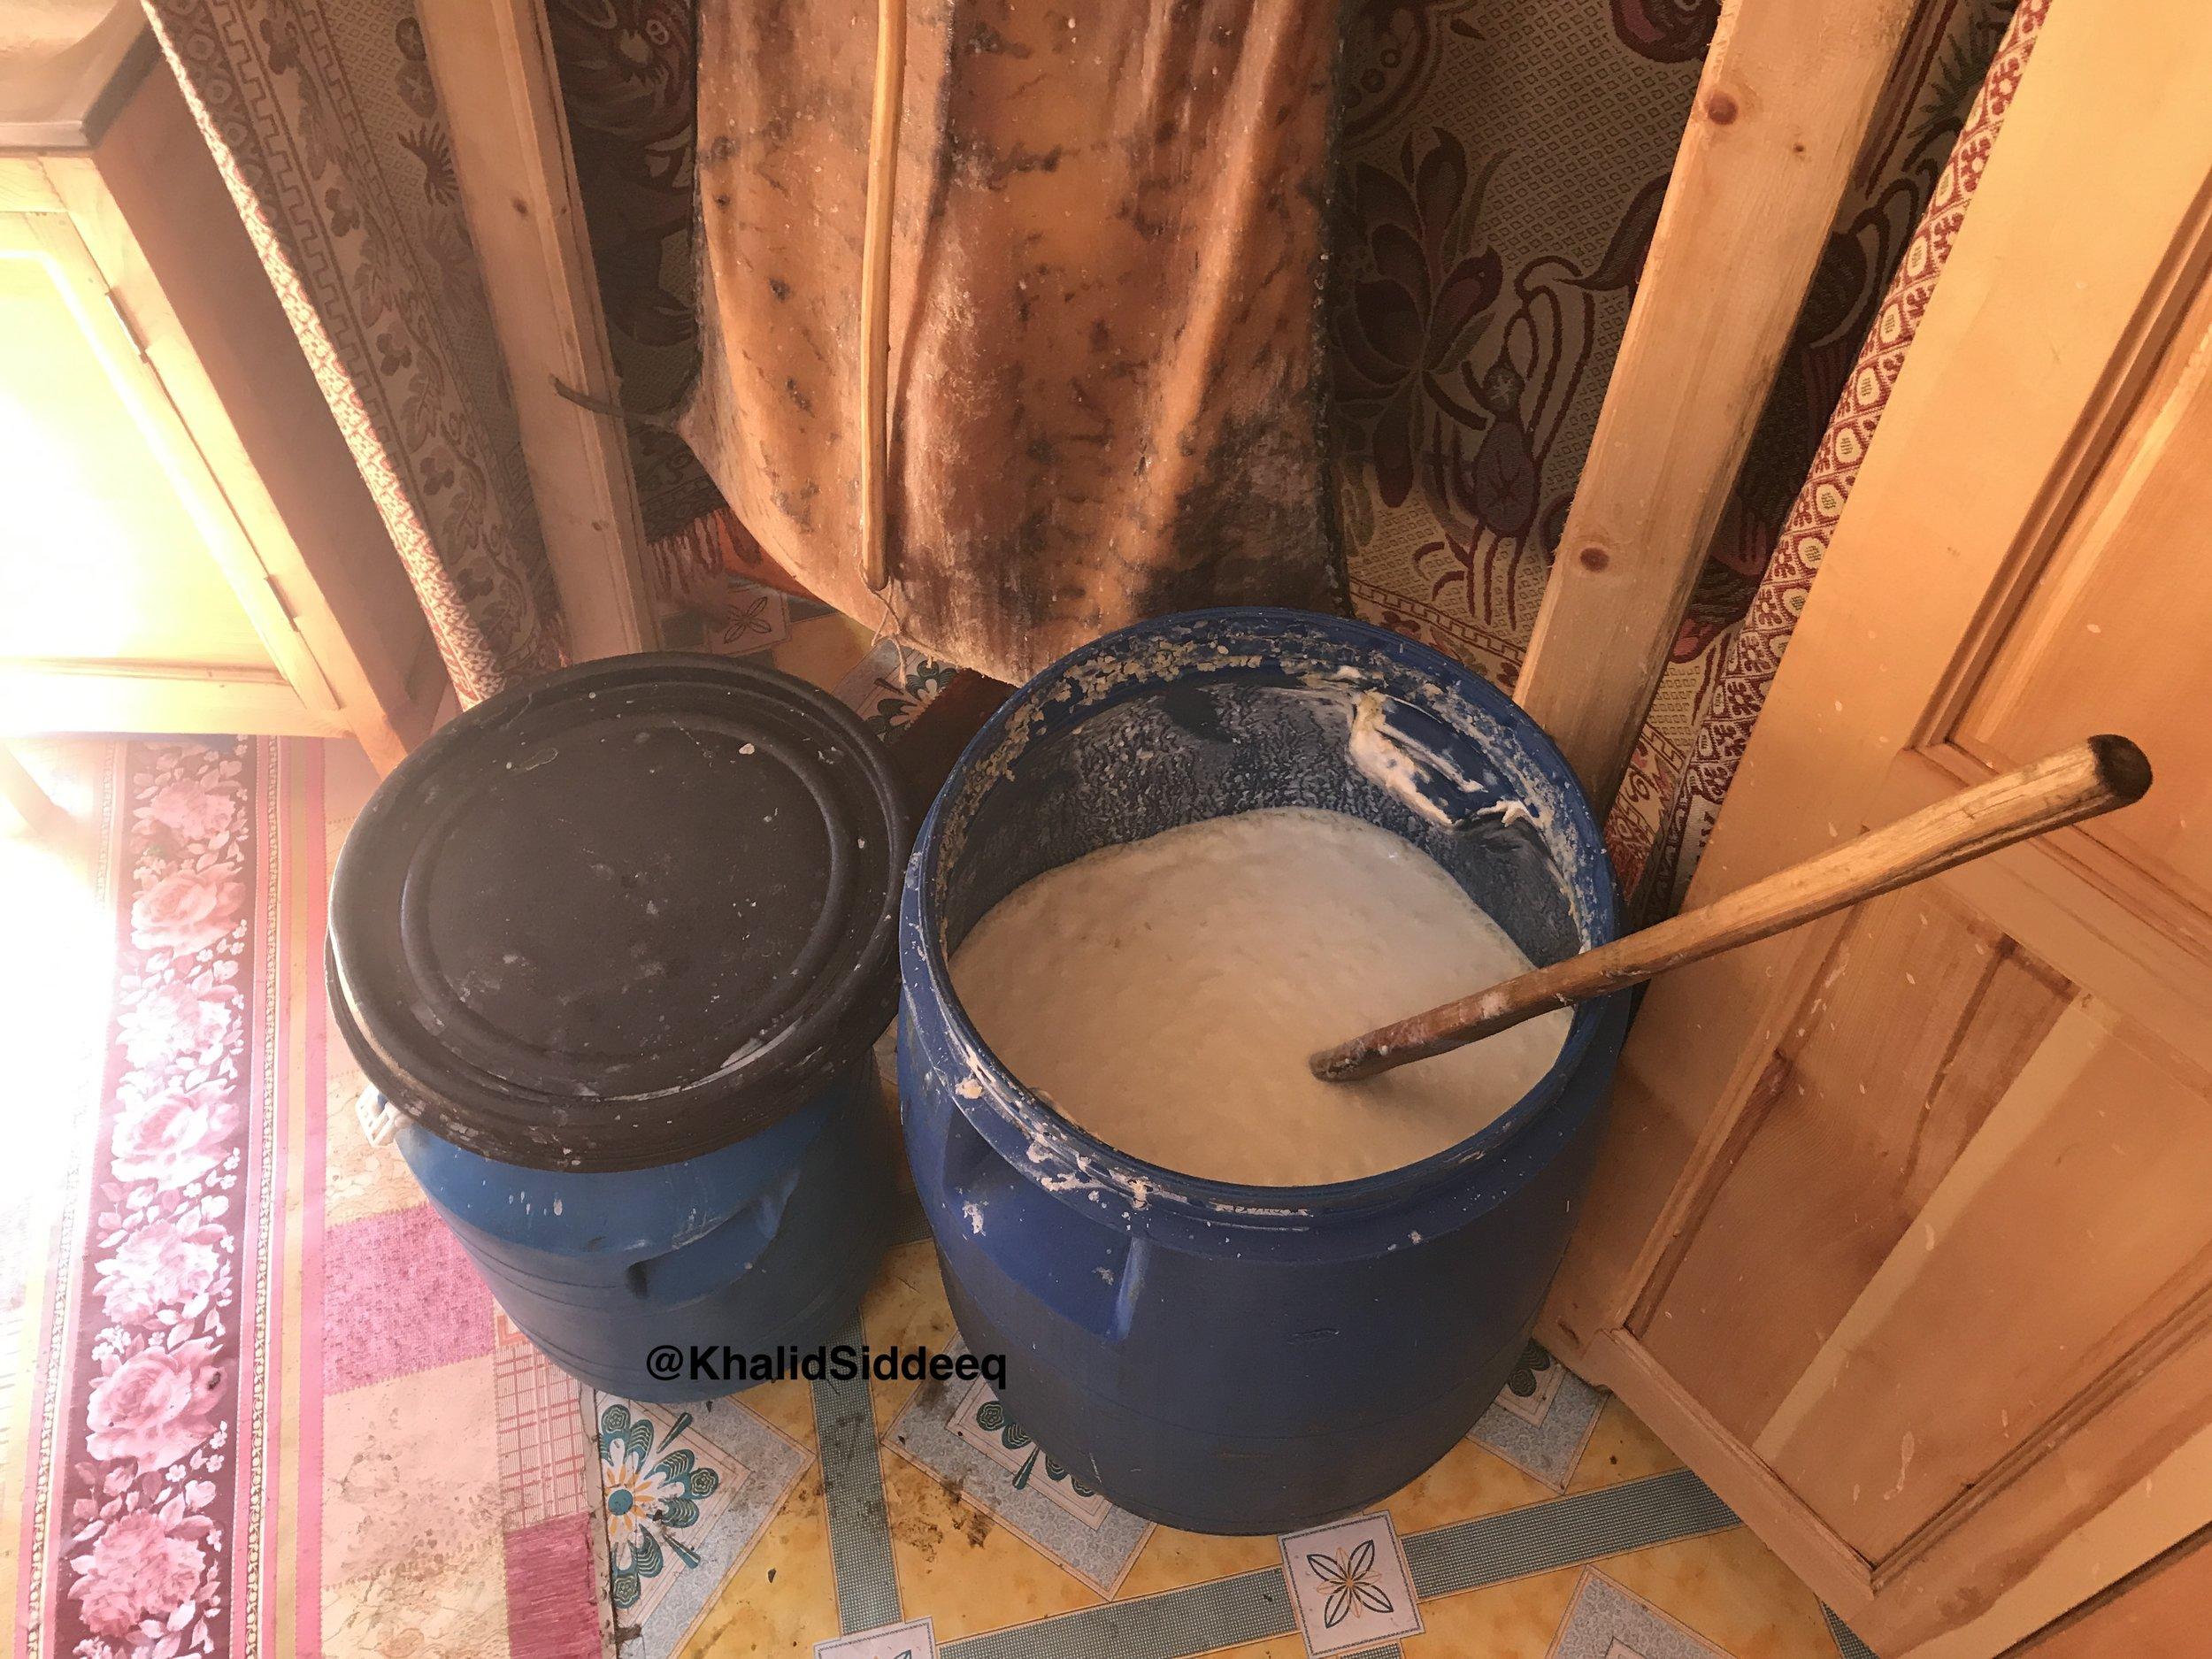 حليب الفرس بعد أن تم تخميره